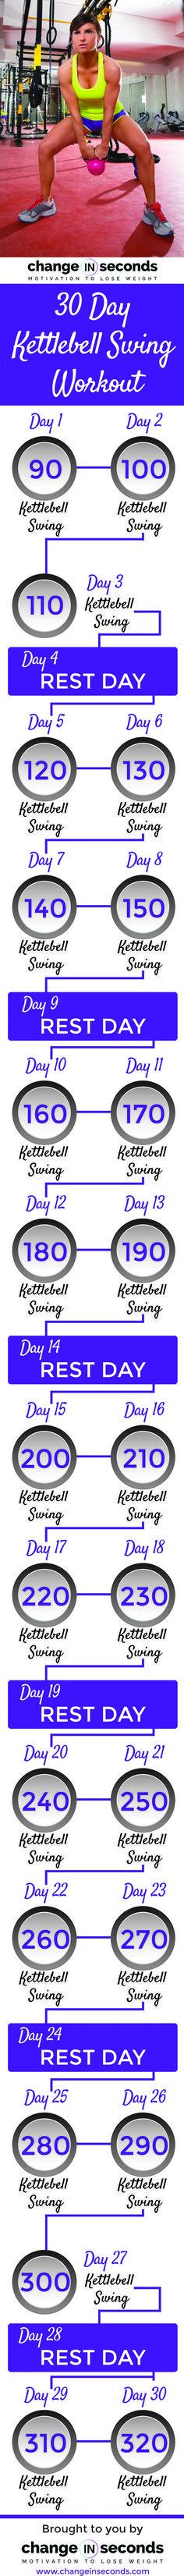 Kettlebell Workout http://www.changeinseconds.com/30-day-kettlebell-swing-workout/